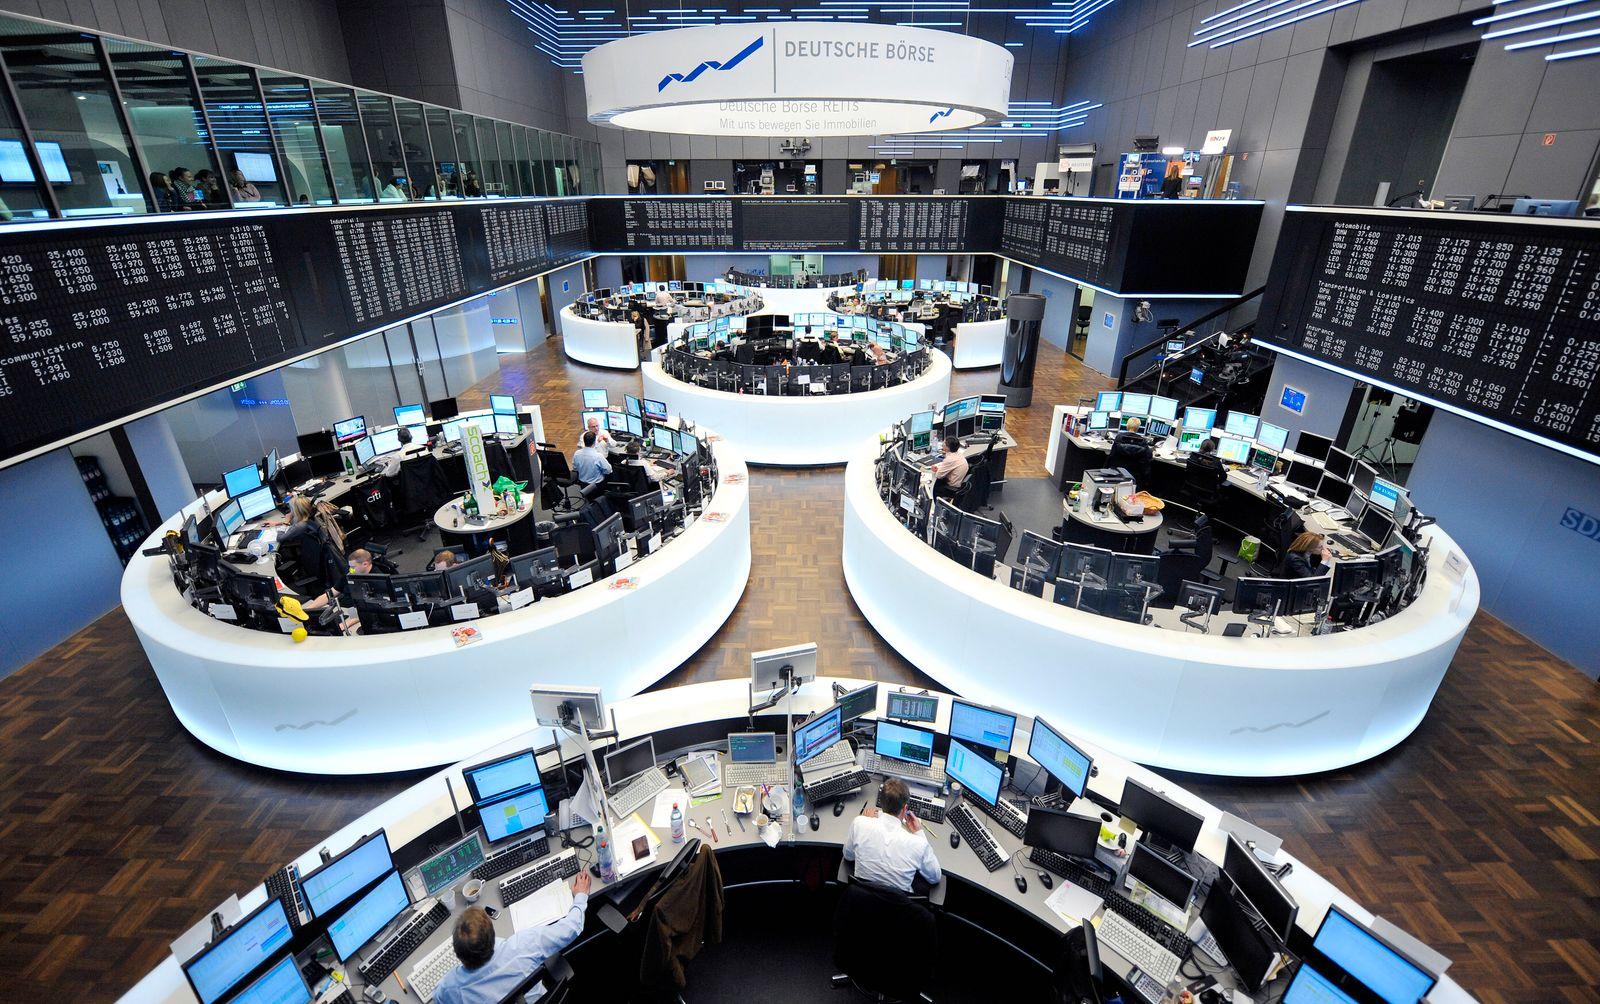 Börse/ Frankfurt